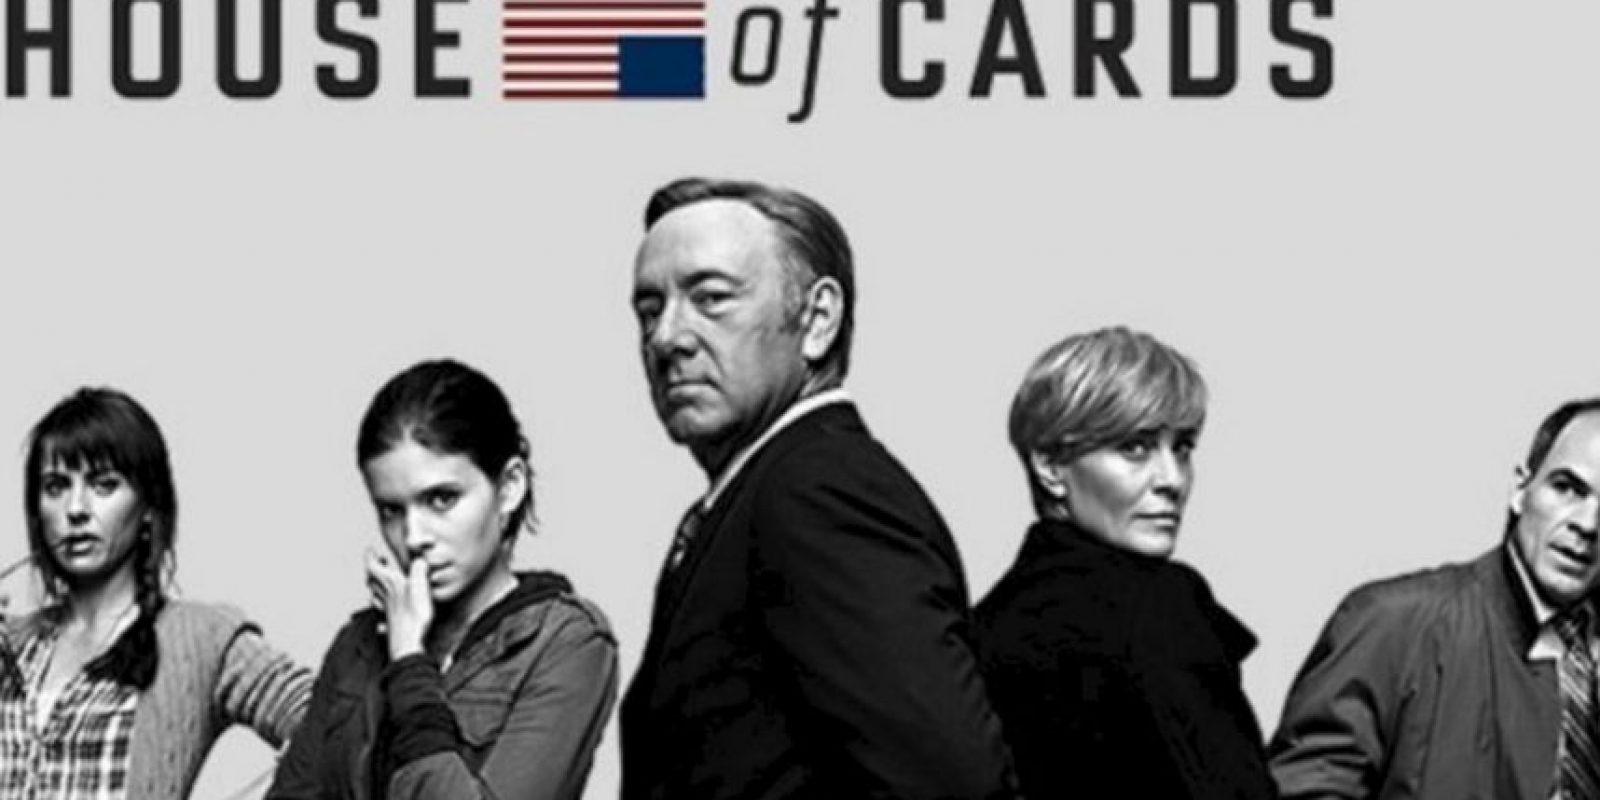 """Se trata de un drama político estadounidense protagonizado por Kevin Spacey como """"Frank Underwood"""", un congresista demócrata que se siente traicionado cuando el presidente electo no cumple su promesa de designarlo como Secretario de Estado. Foto:Netflix. Imagen Por:"""